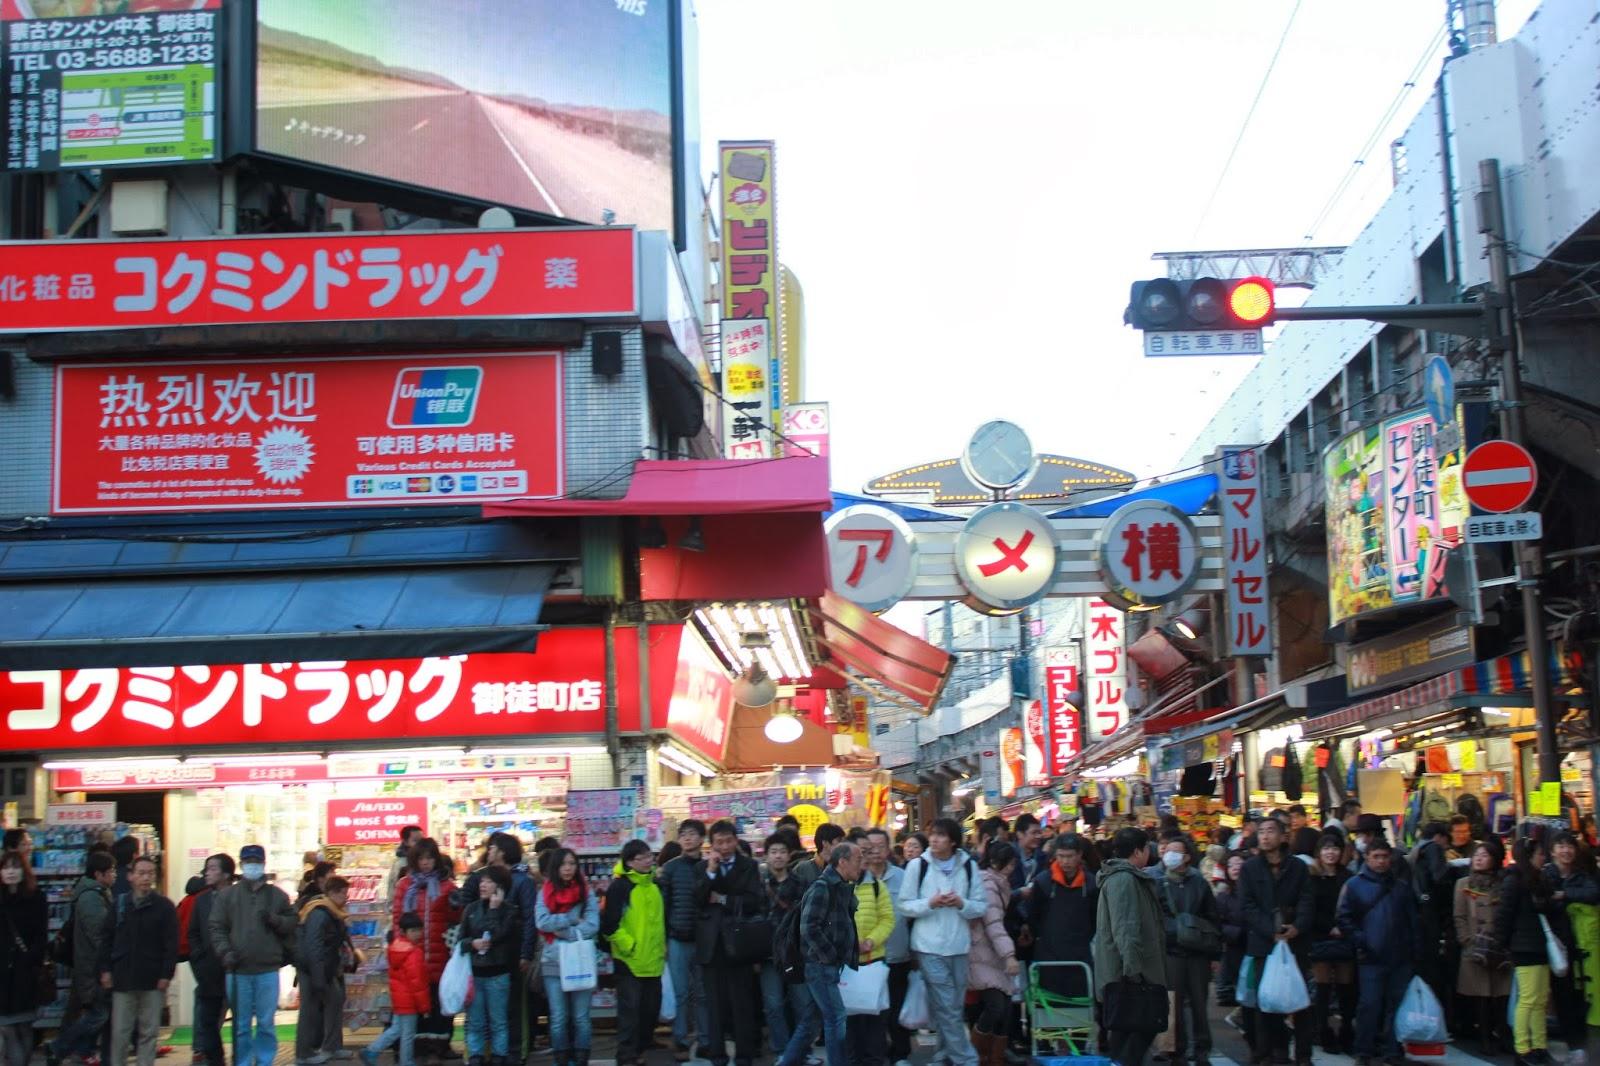 Ameyoko, Japan